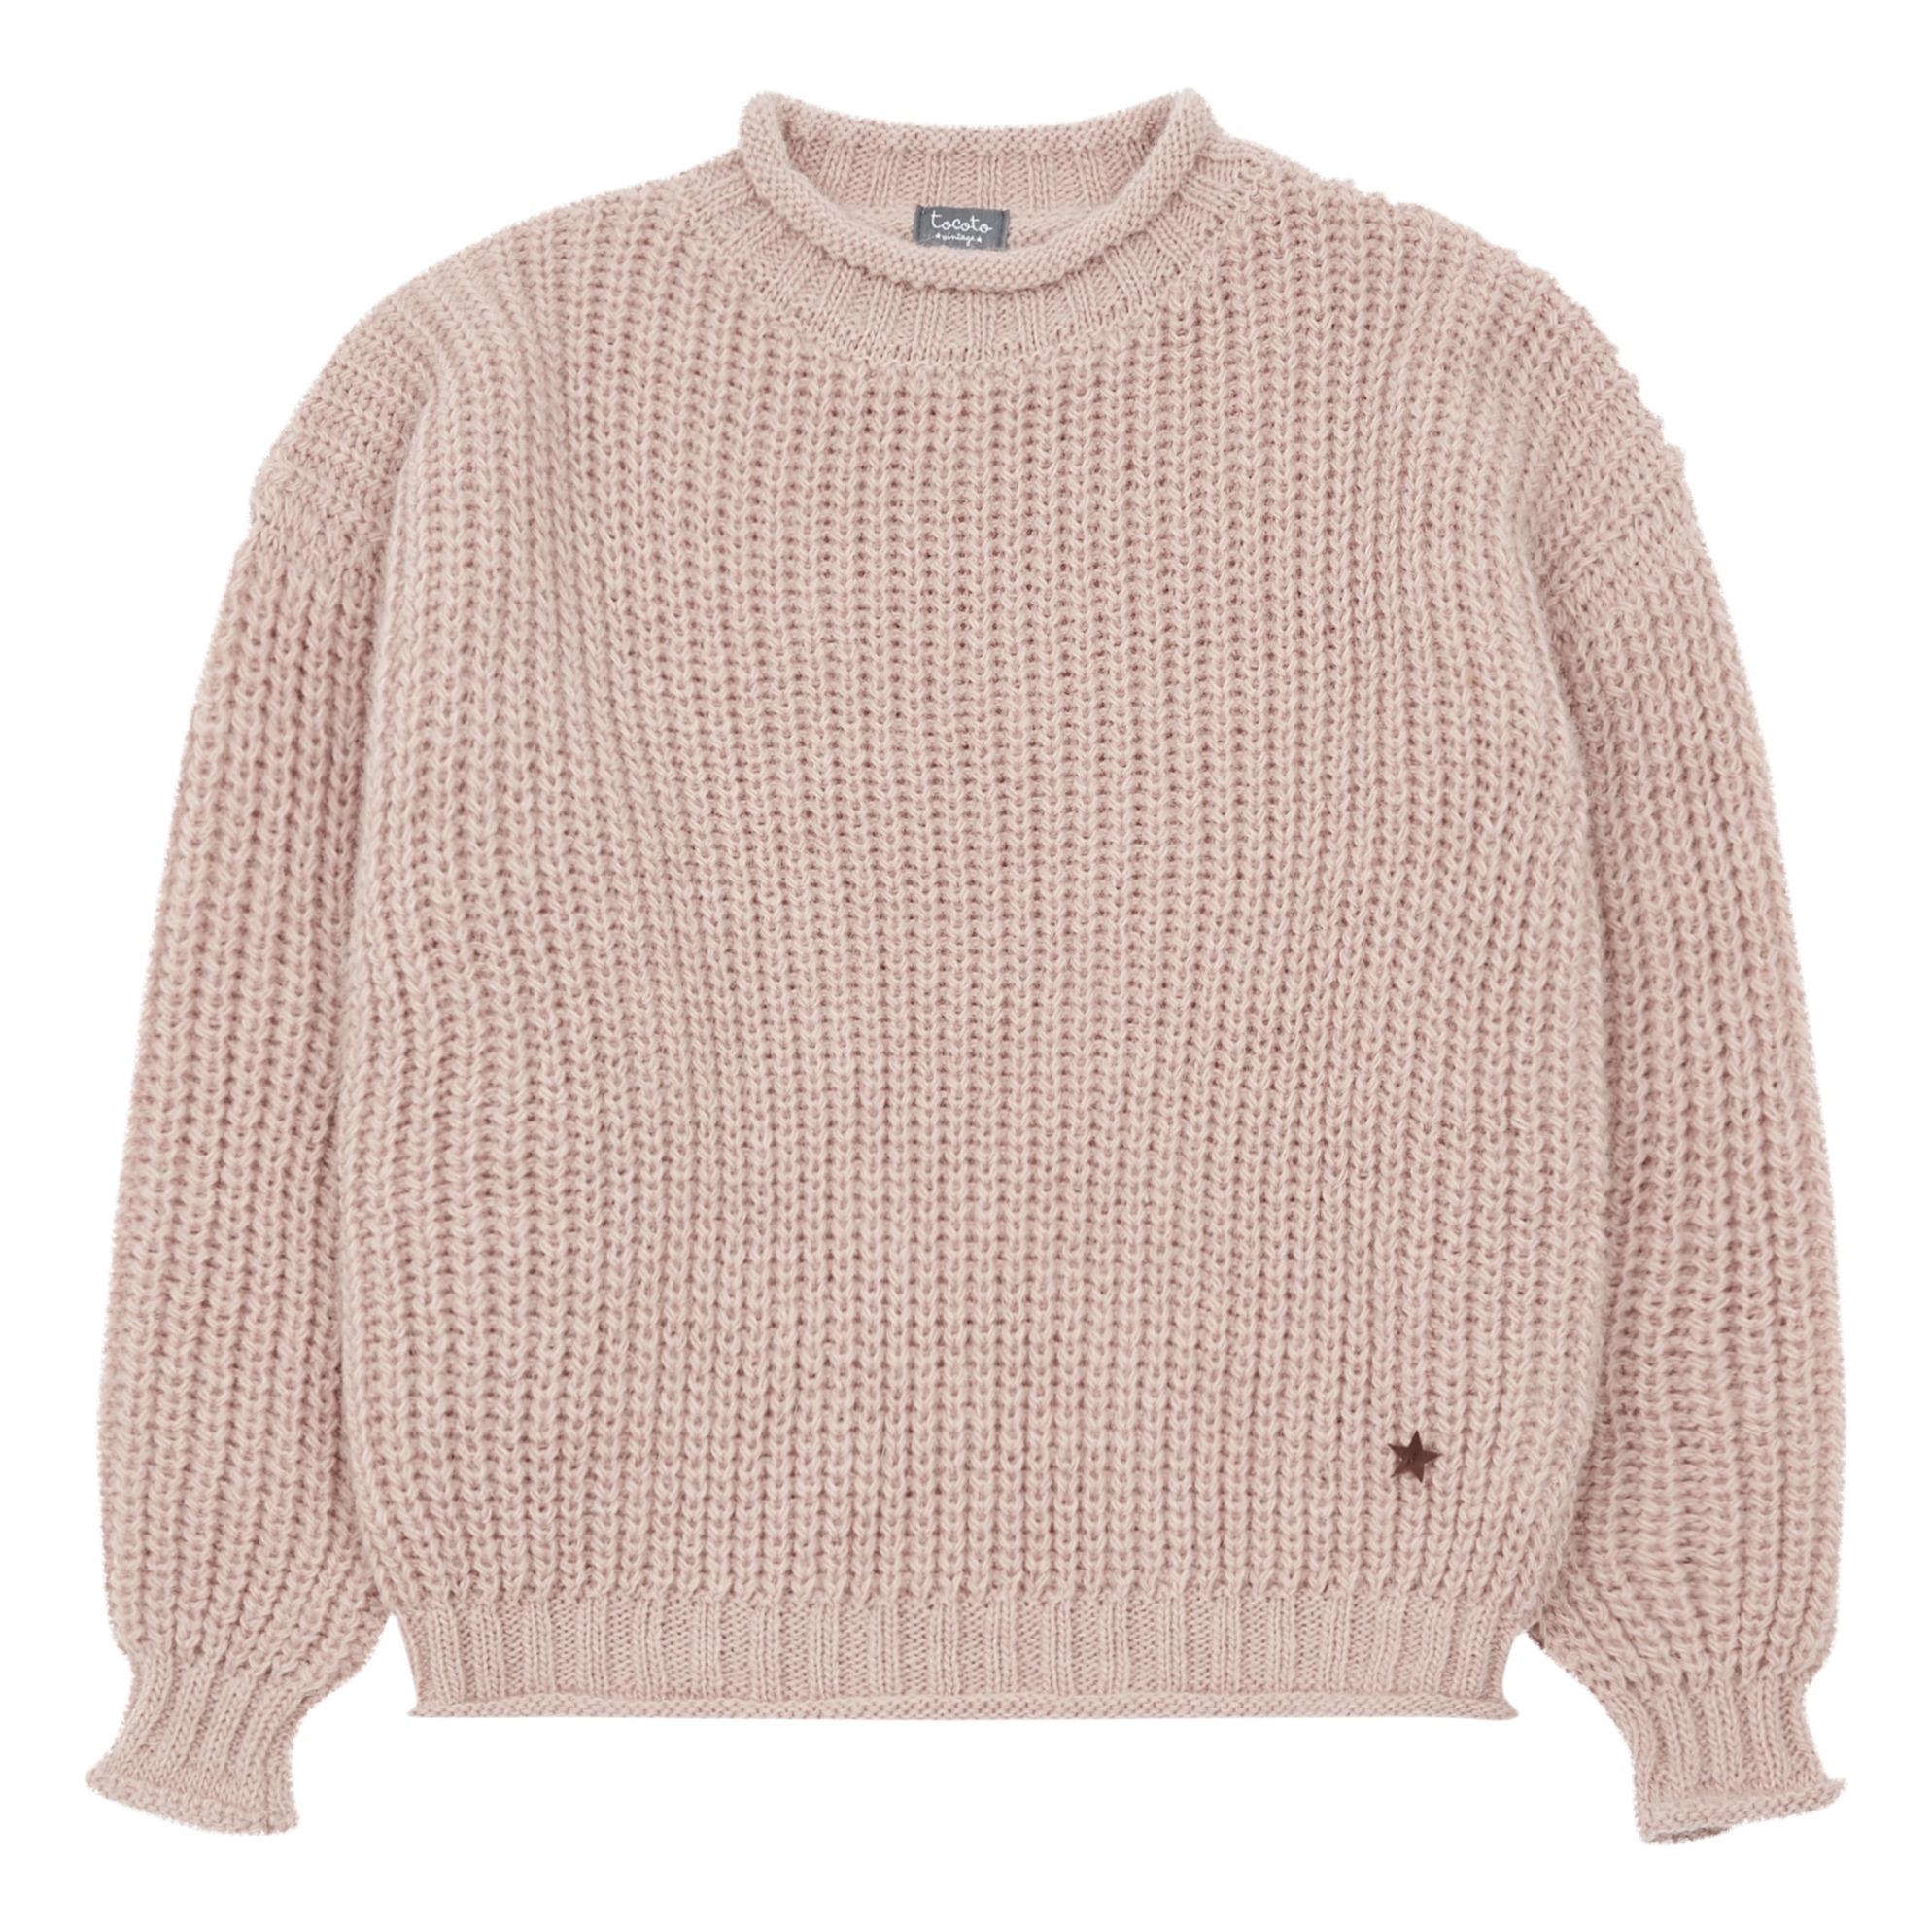 hot sale online 9e05e e343f Maglioni e gilet Bambina: la moda e l'abbigliamento per bambine